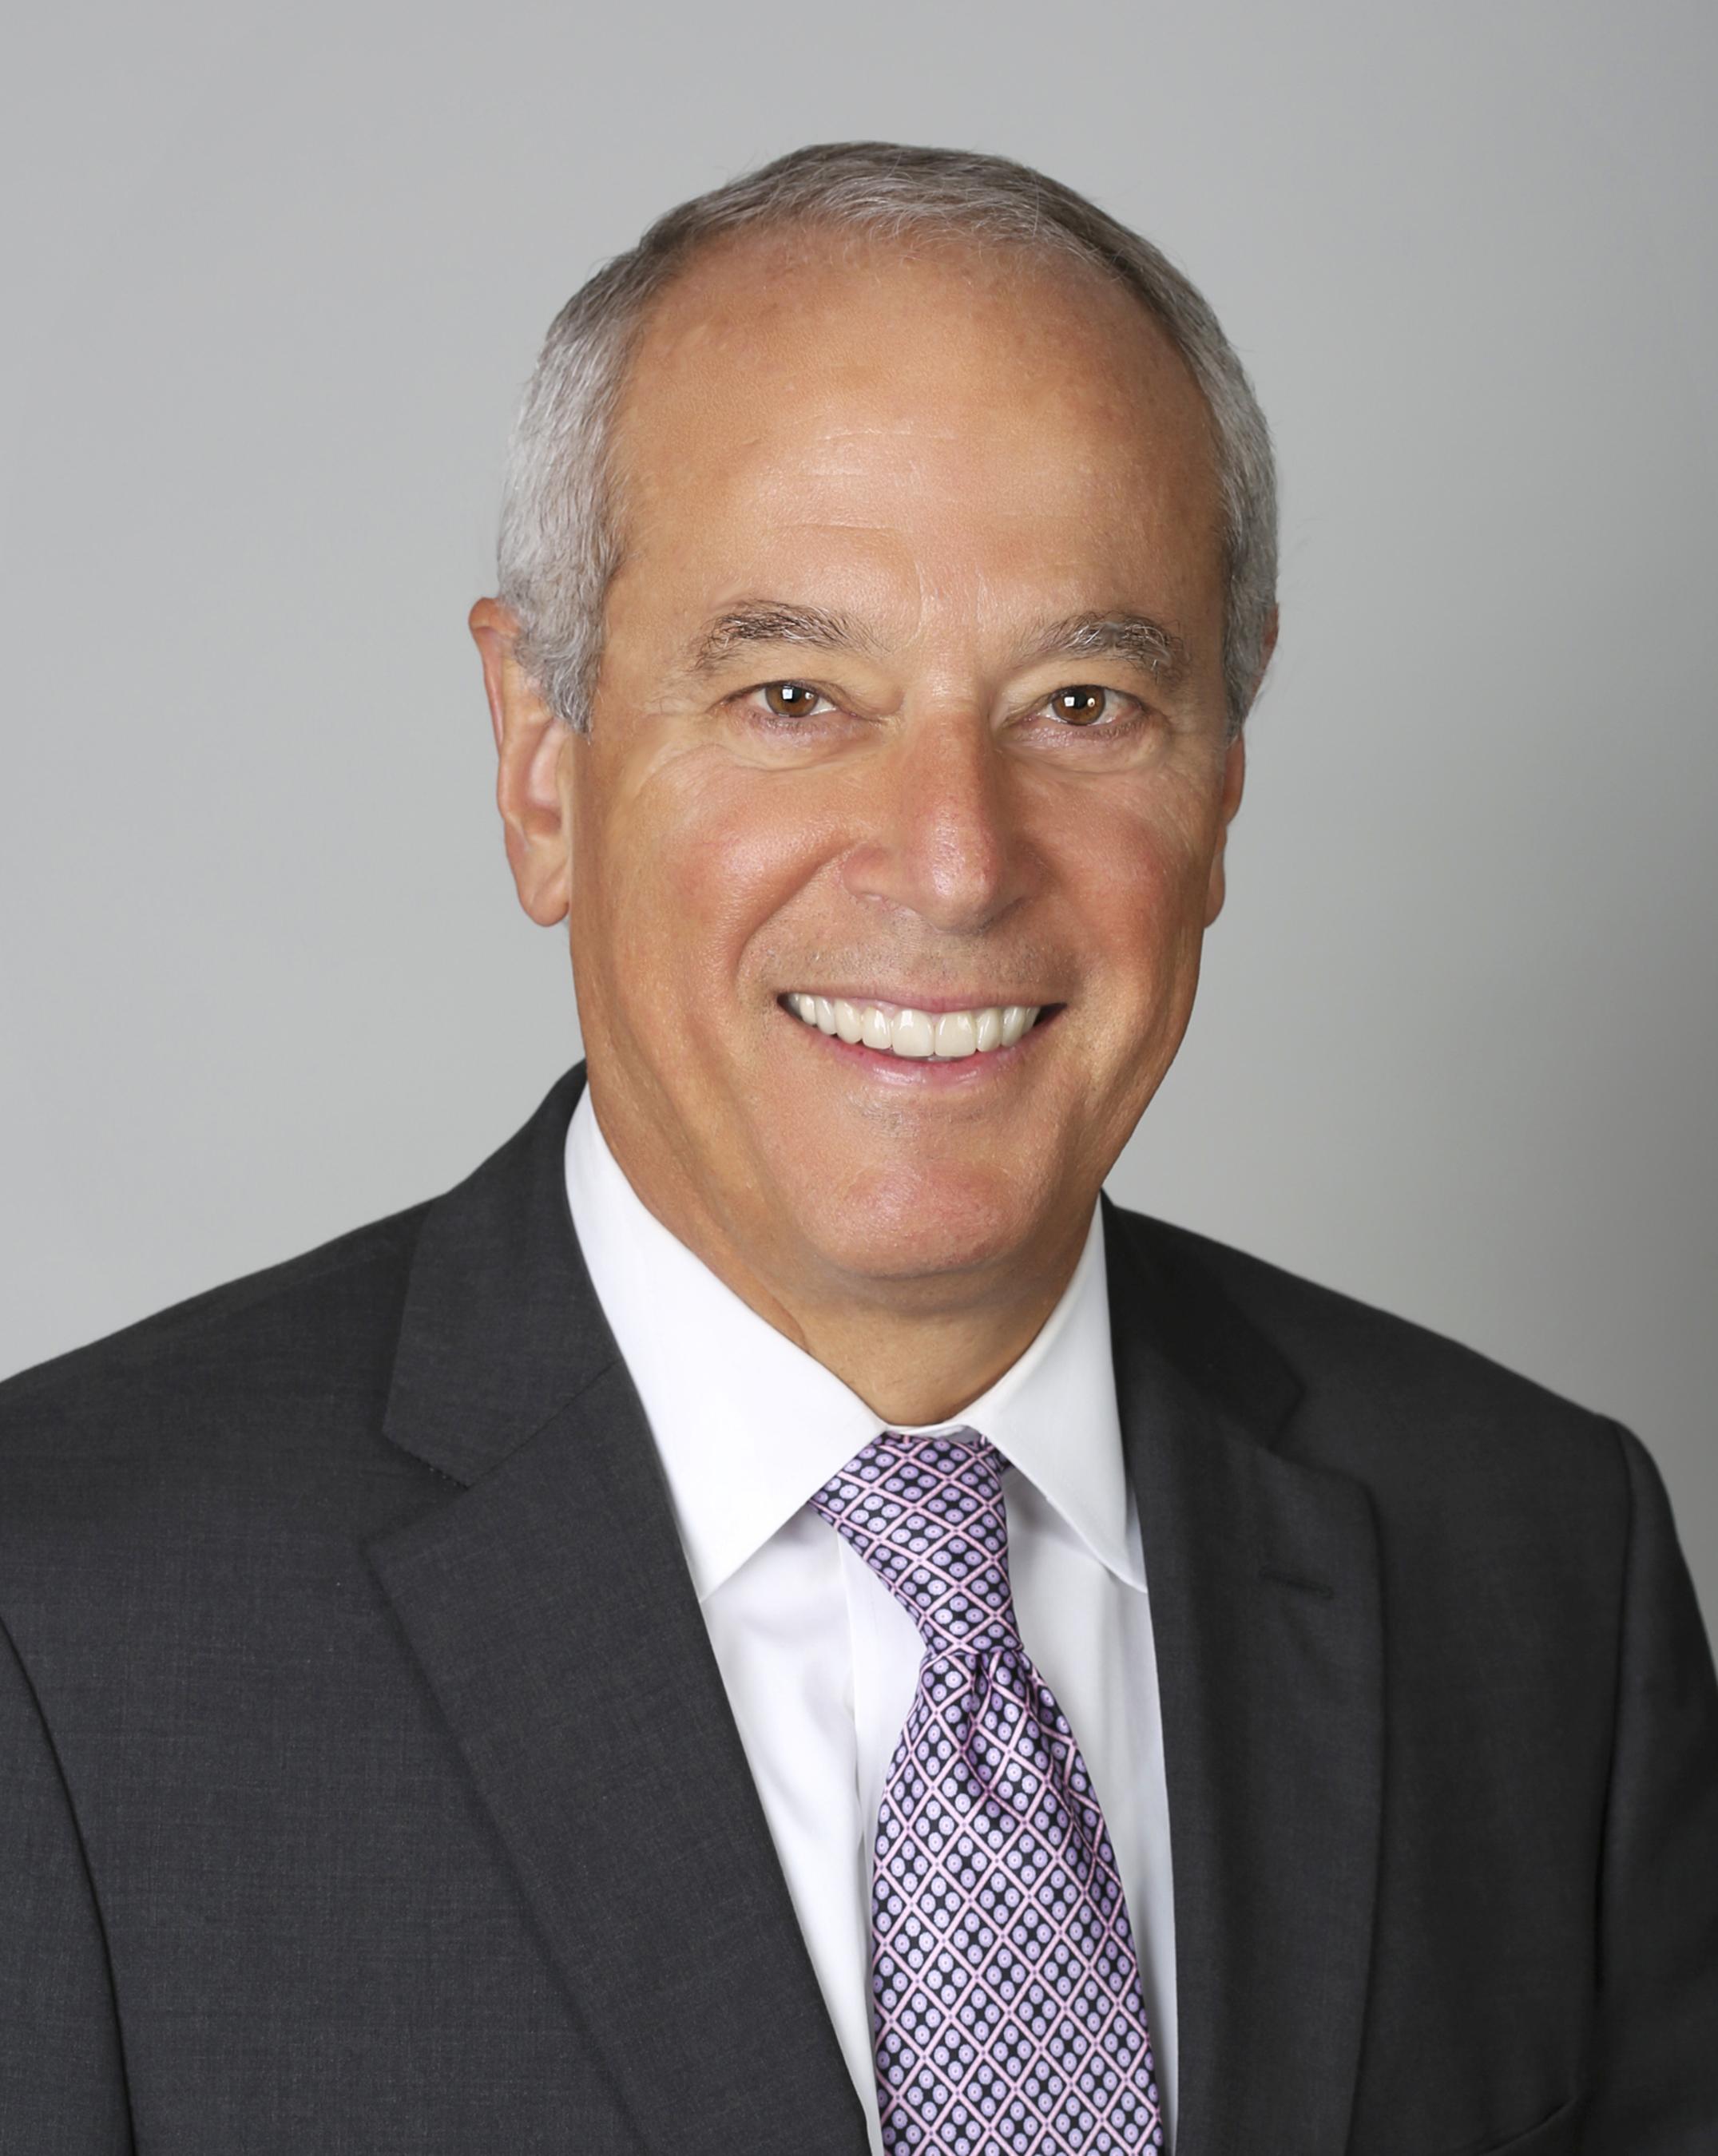 Attorney David W. Bianchi